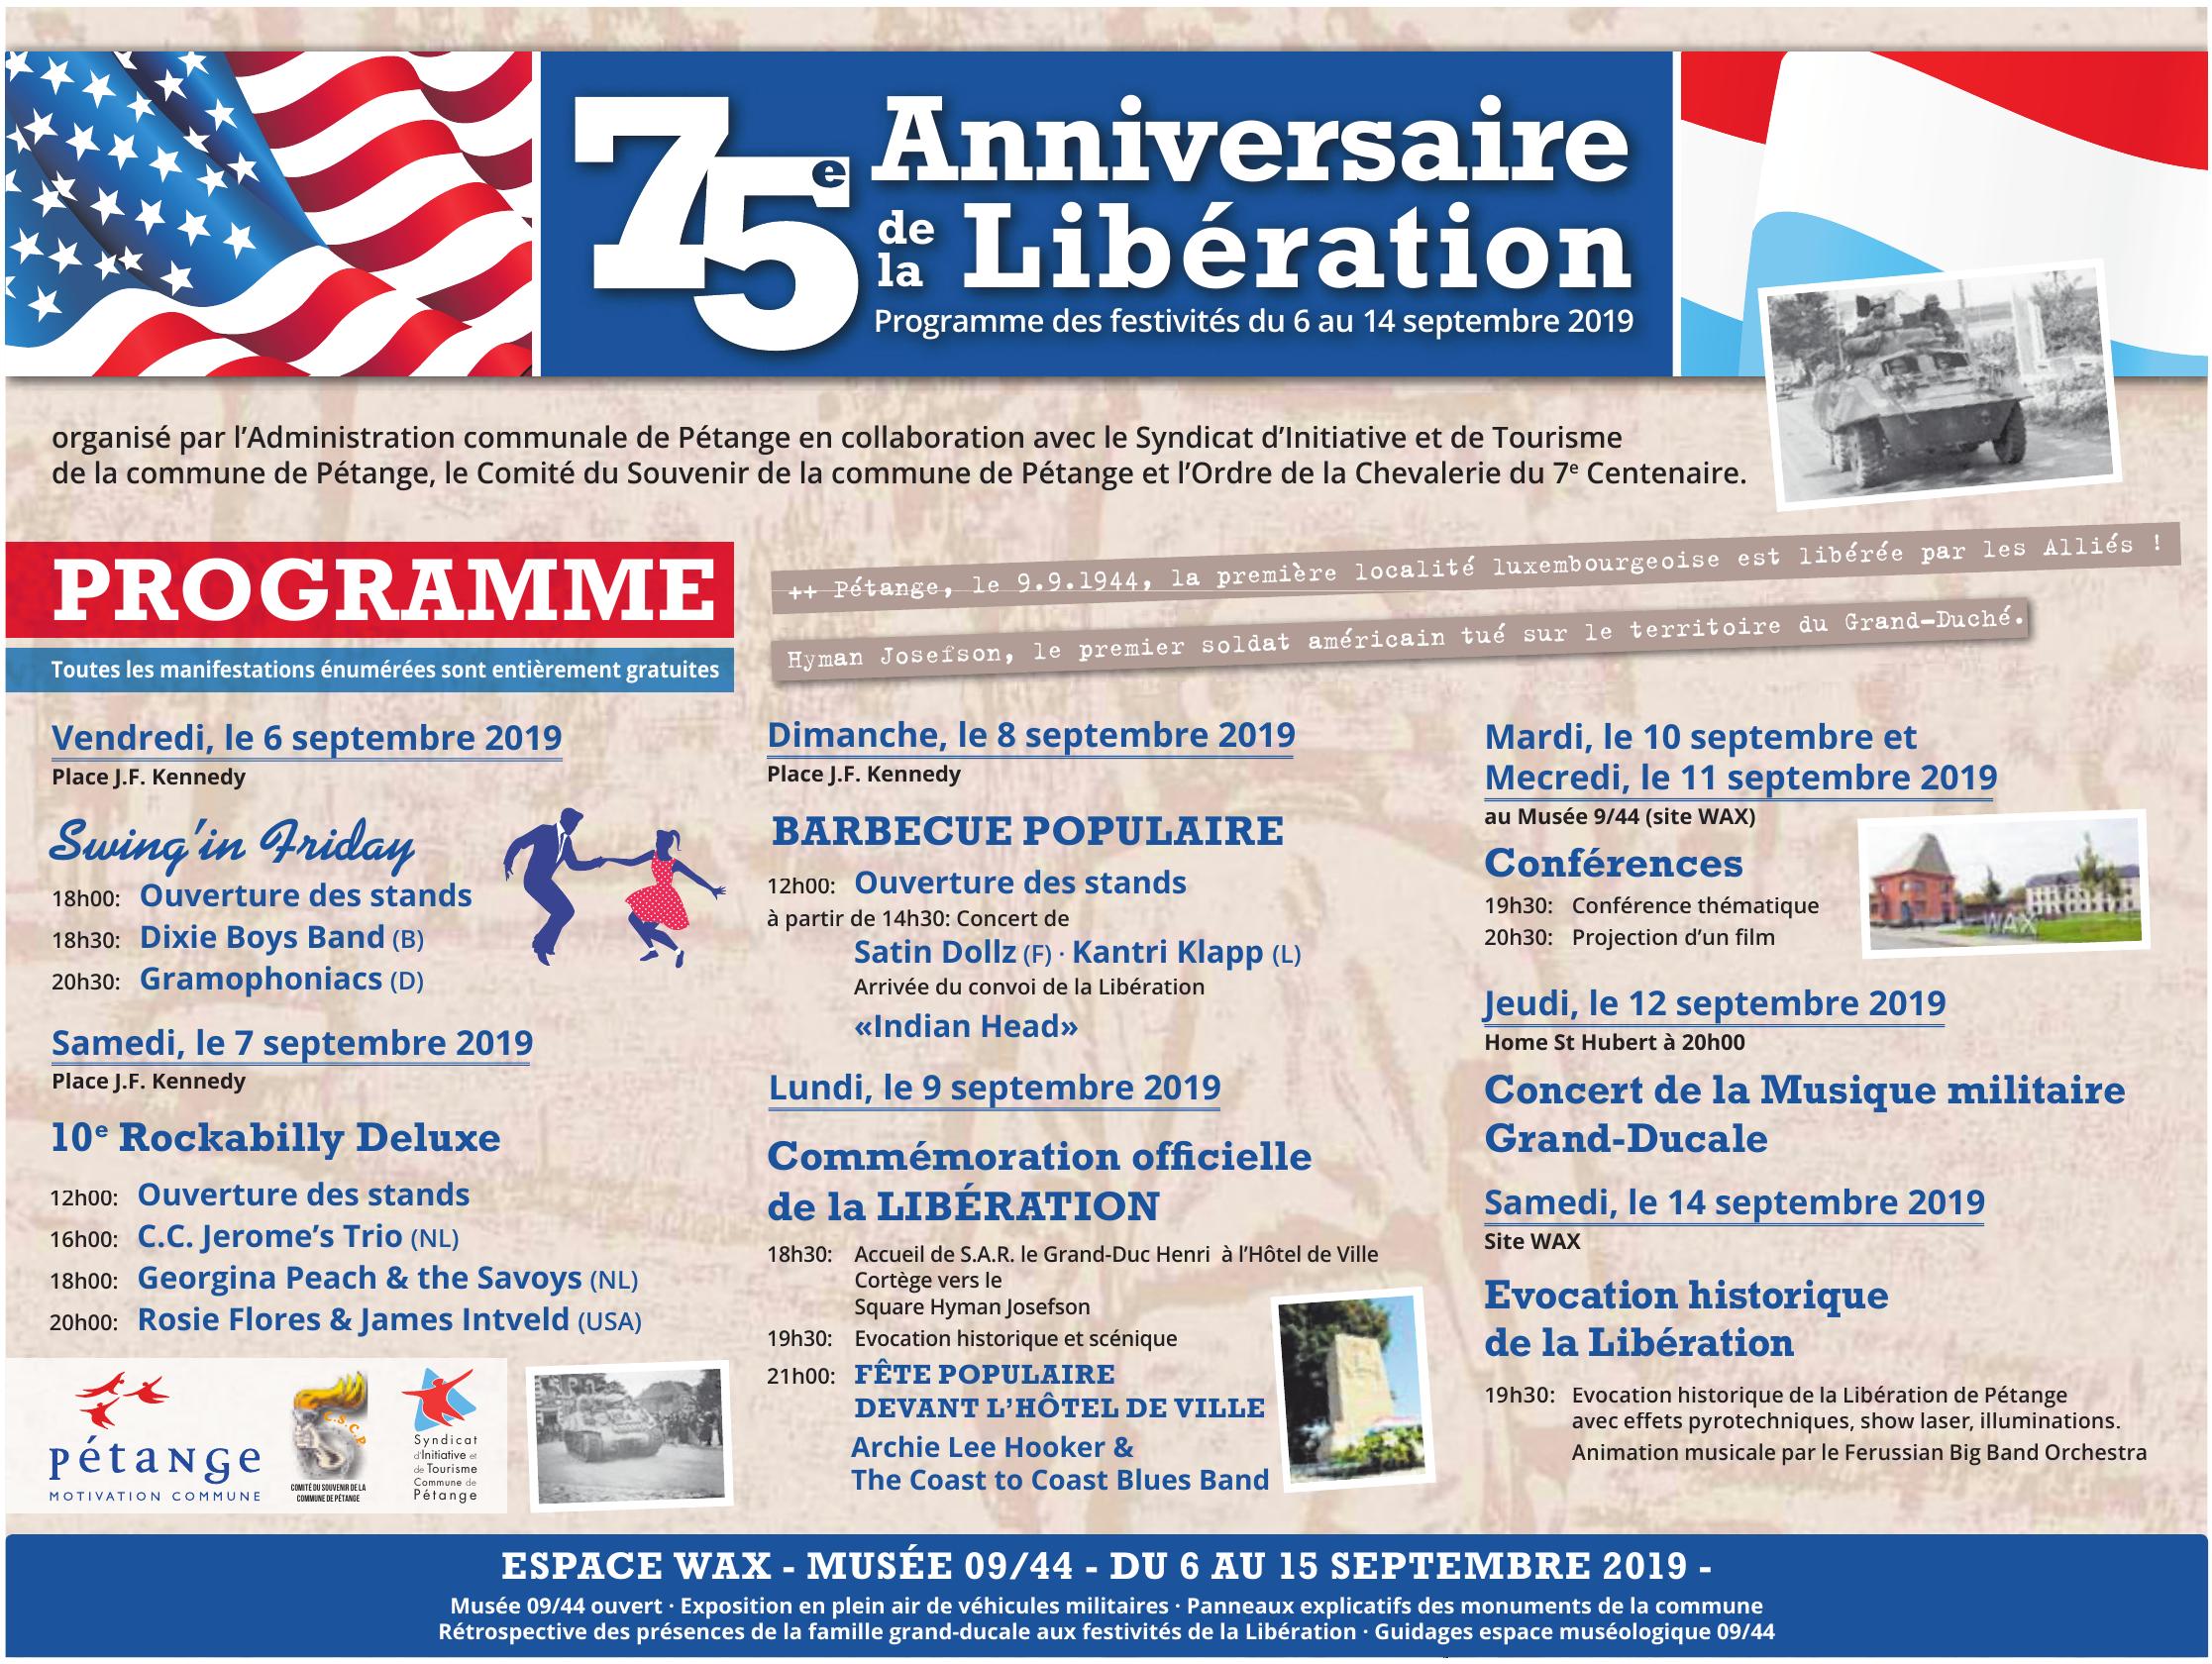 75 Anniversaire de la Libération